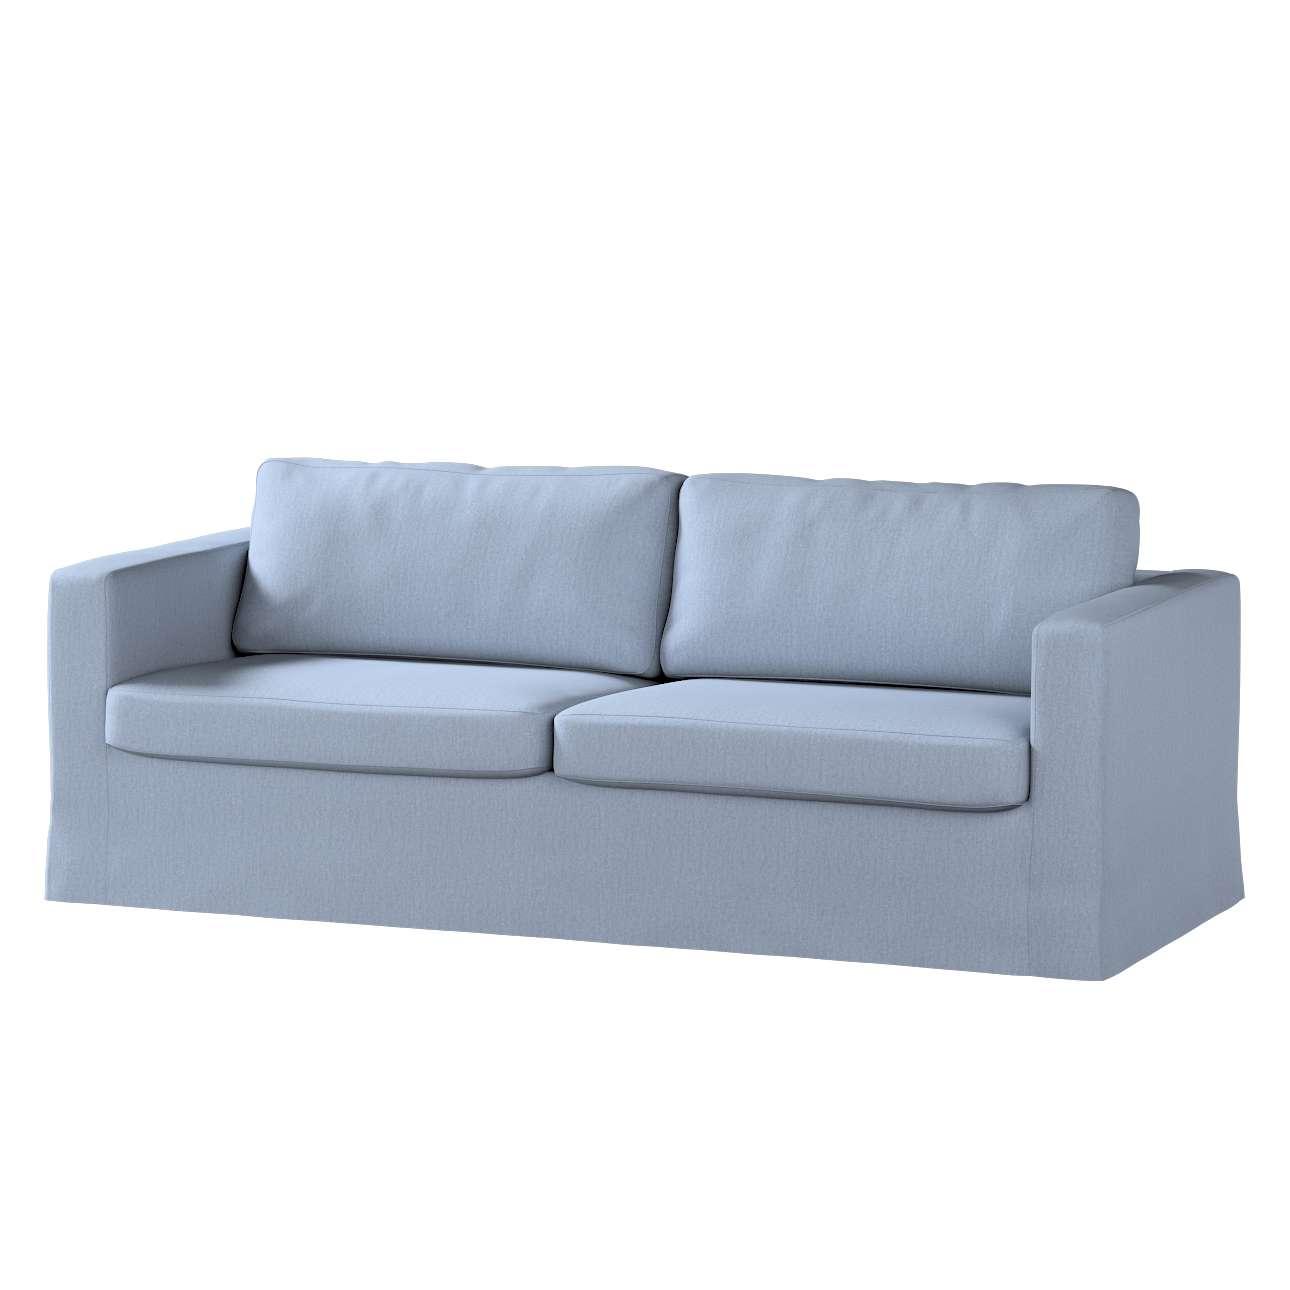 Poťah na sedačku Karlstad (nerozkladá sa, pre 3 osoby, dlhá) V kolekcii Chenille, tkanina: 702-13